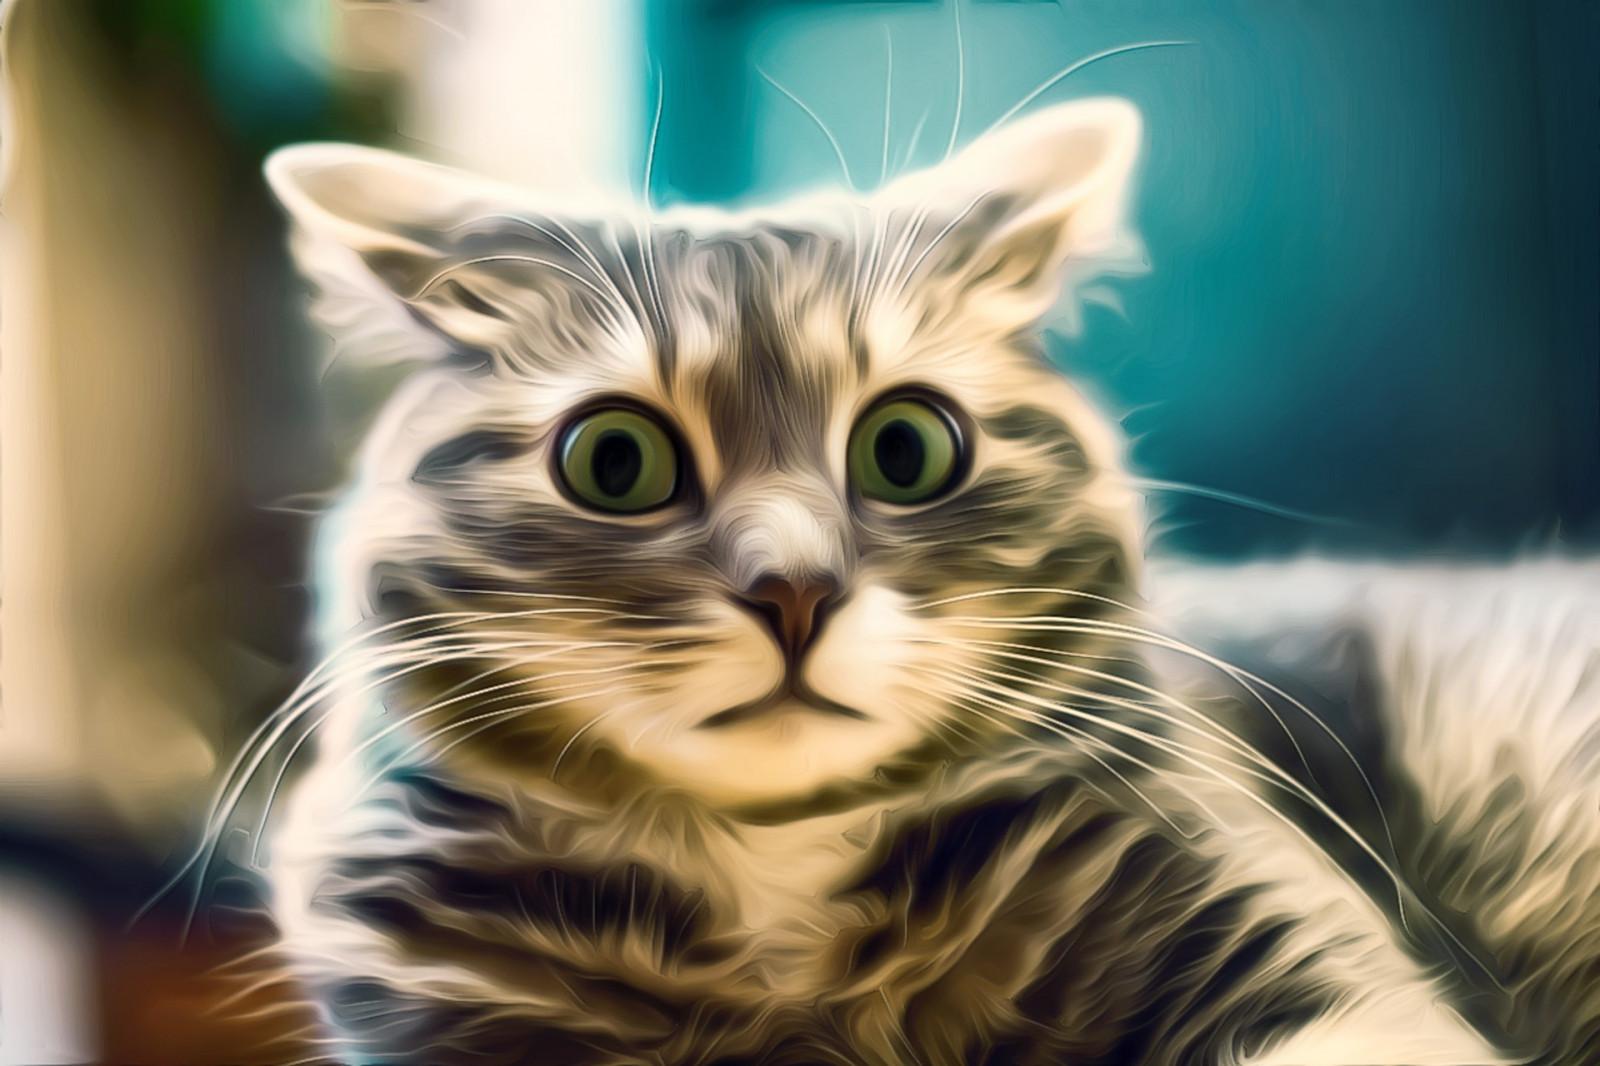 Снова к вопросу о котах: приколы про котов